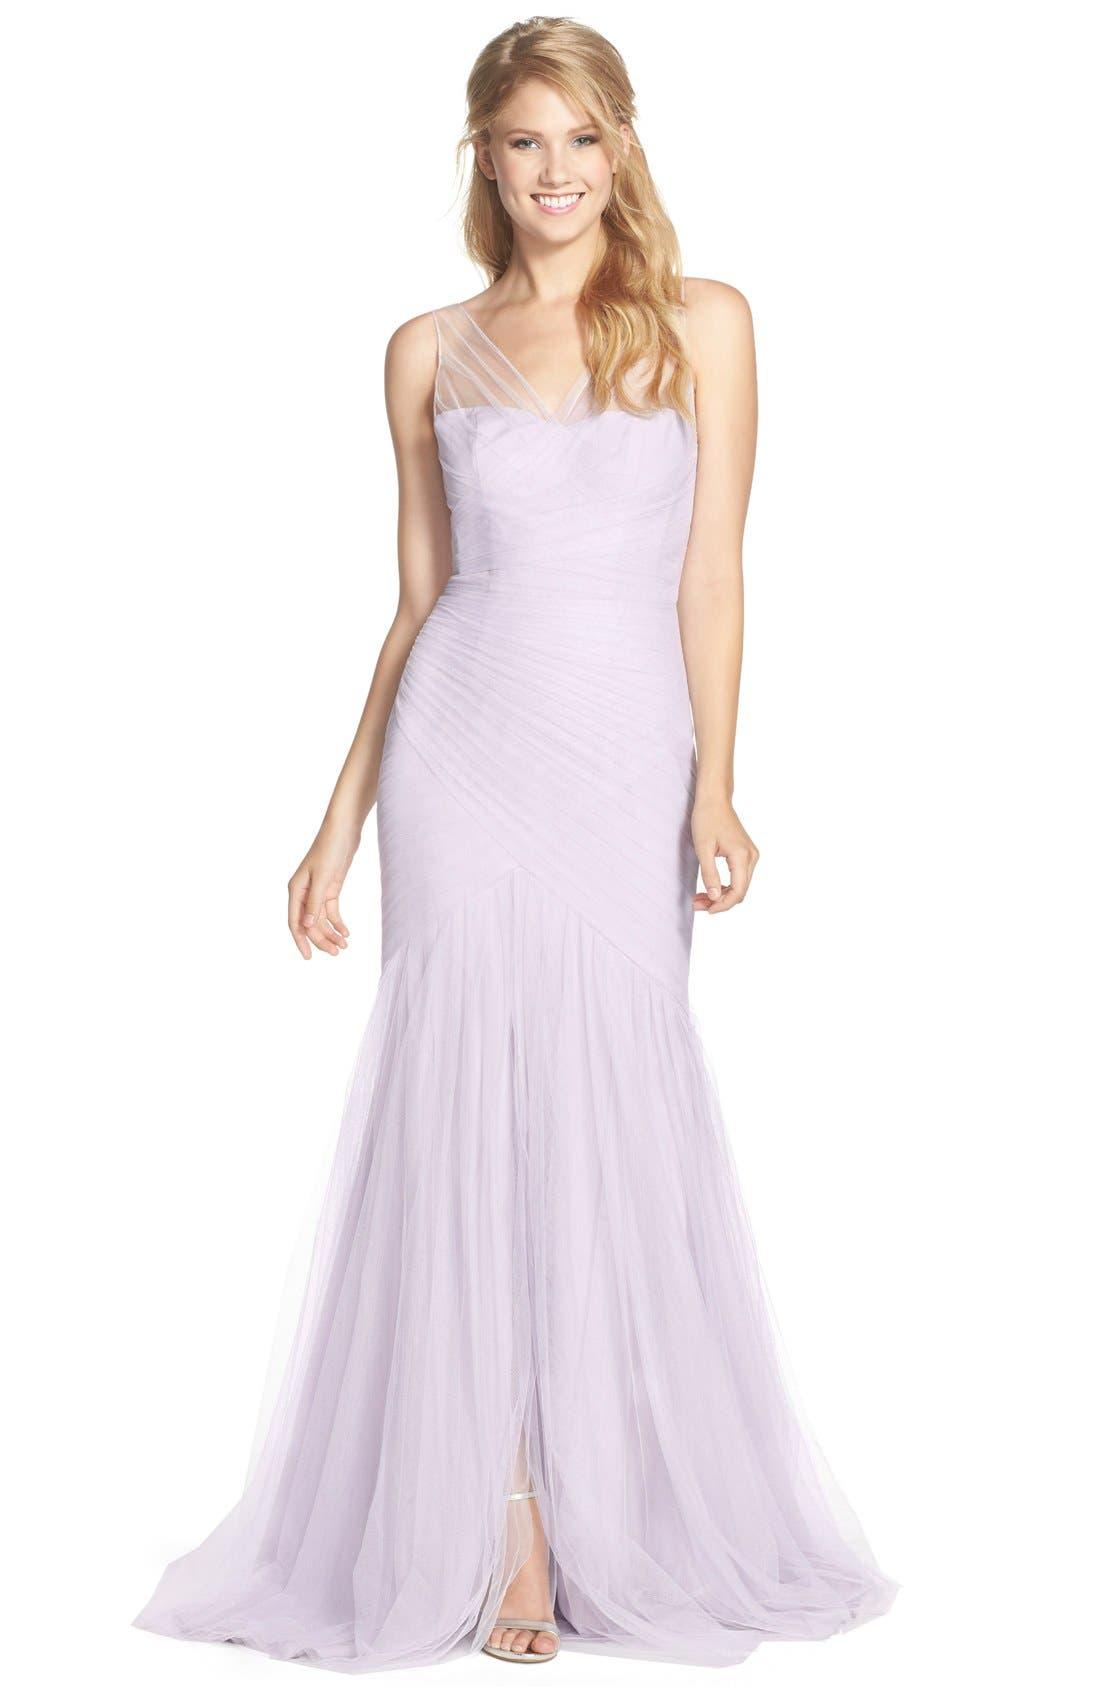 Main Image - Monique Lhuillier Bridesmaids Illusion Yoke Pleat Tulle Trumpet Gown